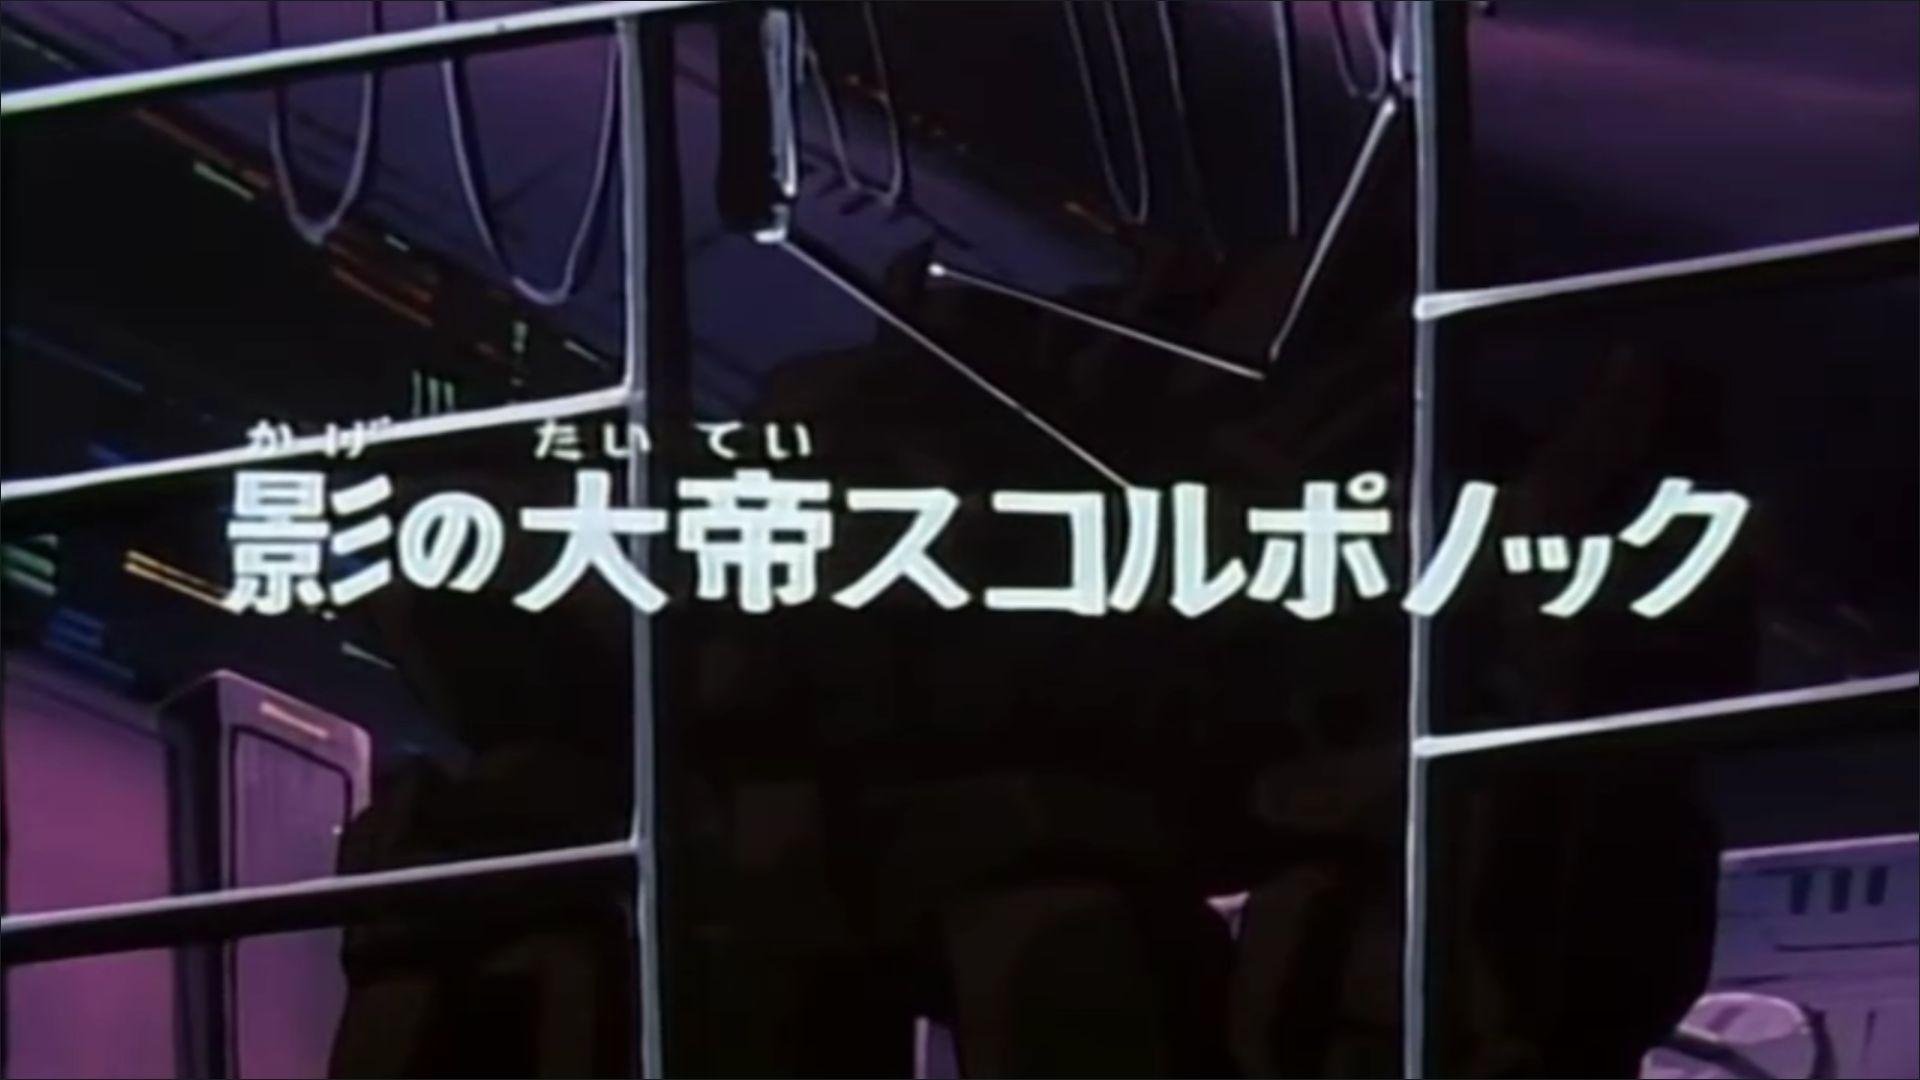 File:The Headmasters - 11 - Japanese.jpg